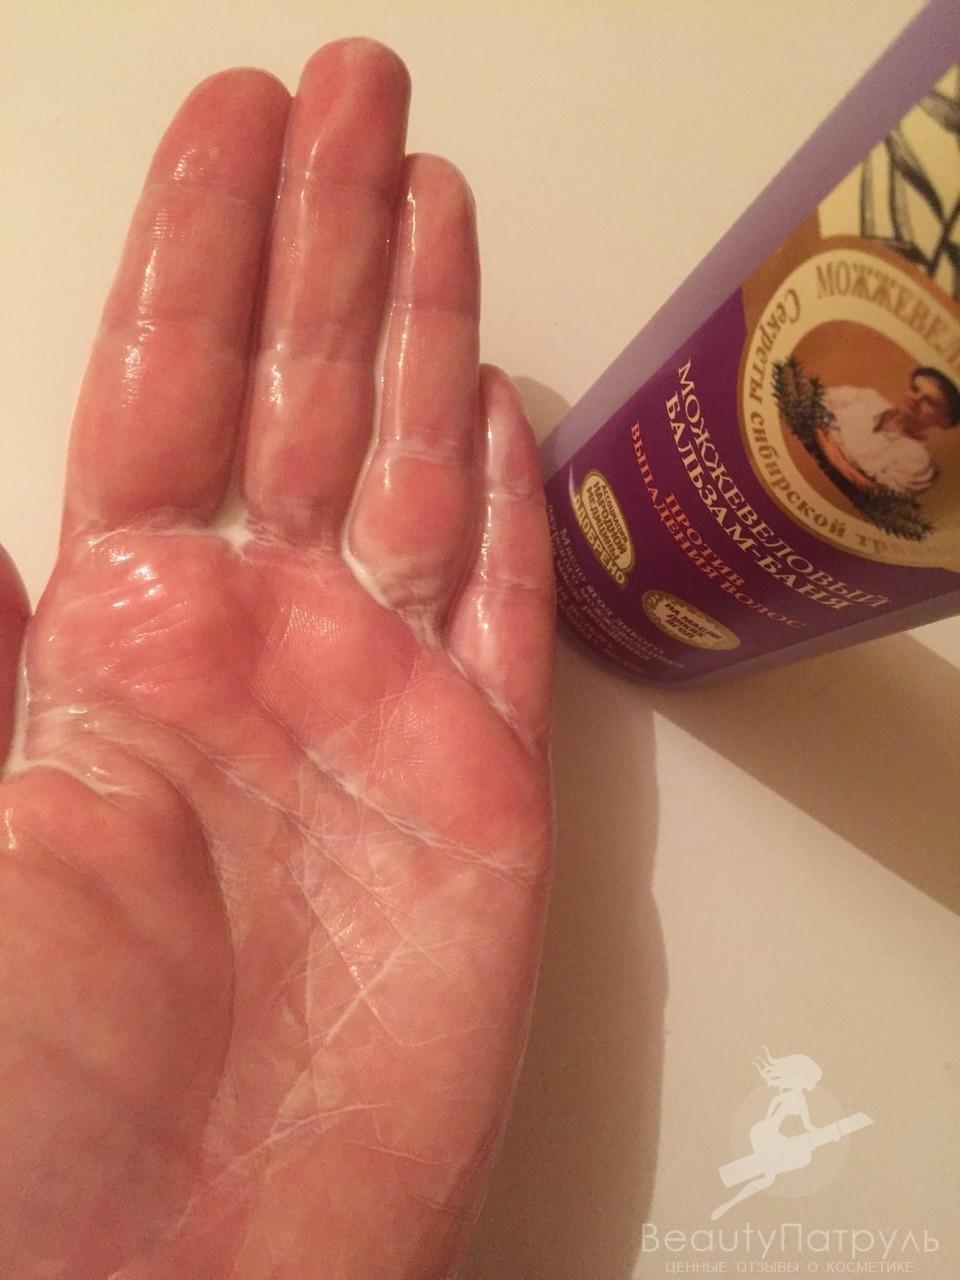 Шампунь бабушка агафья можжевеловый против выпадения волос